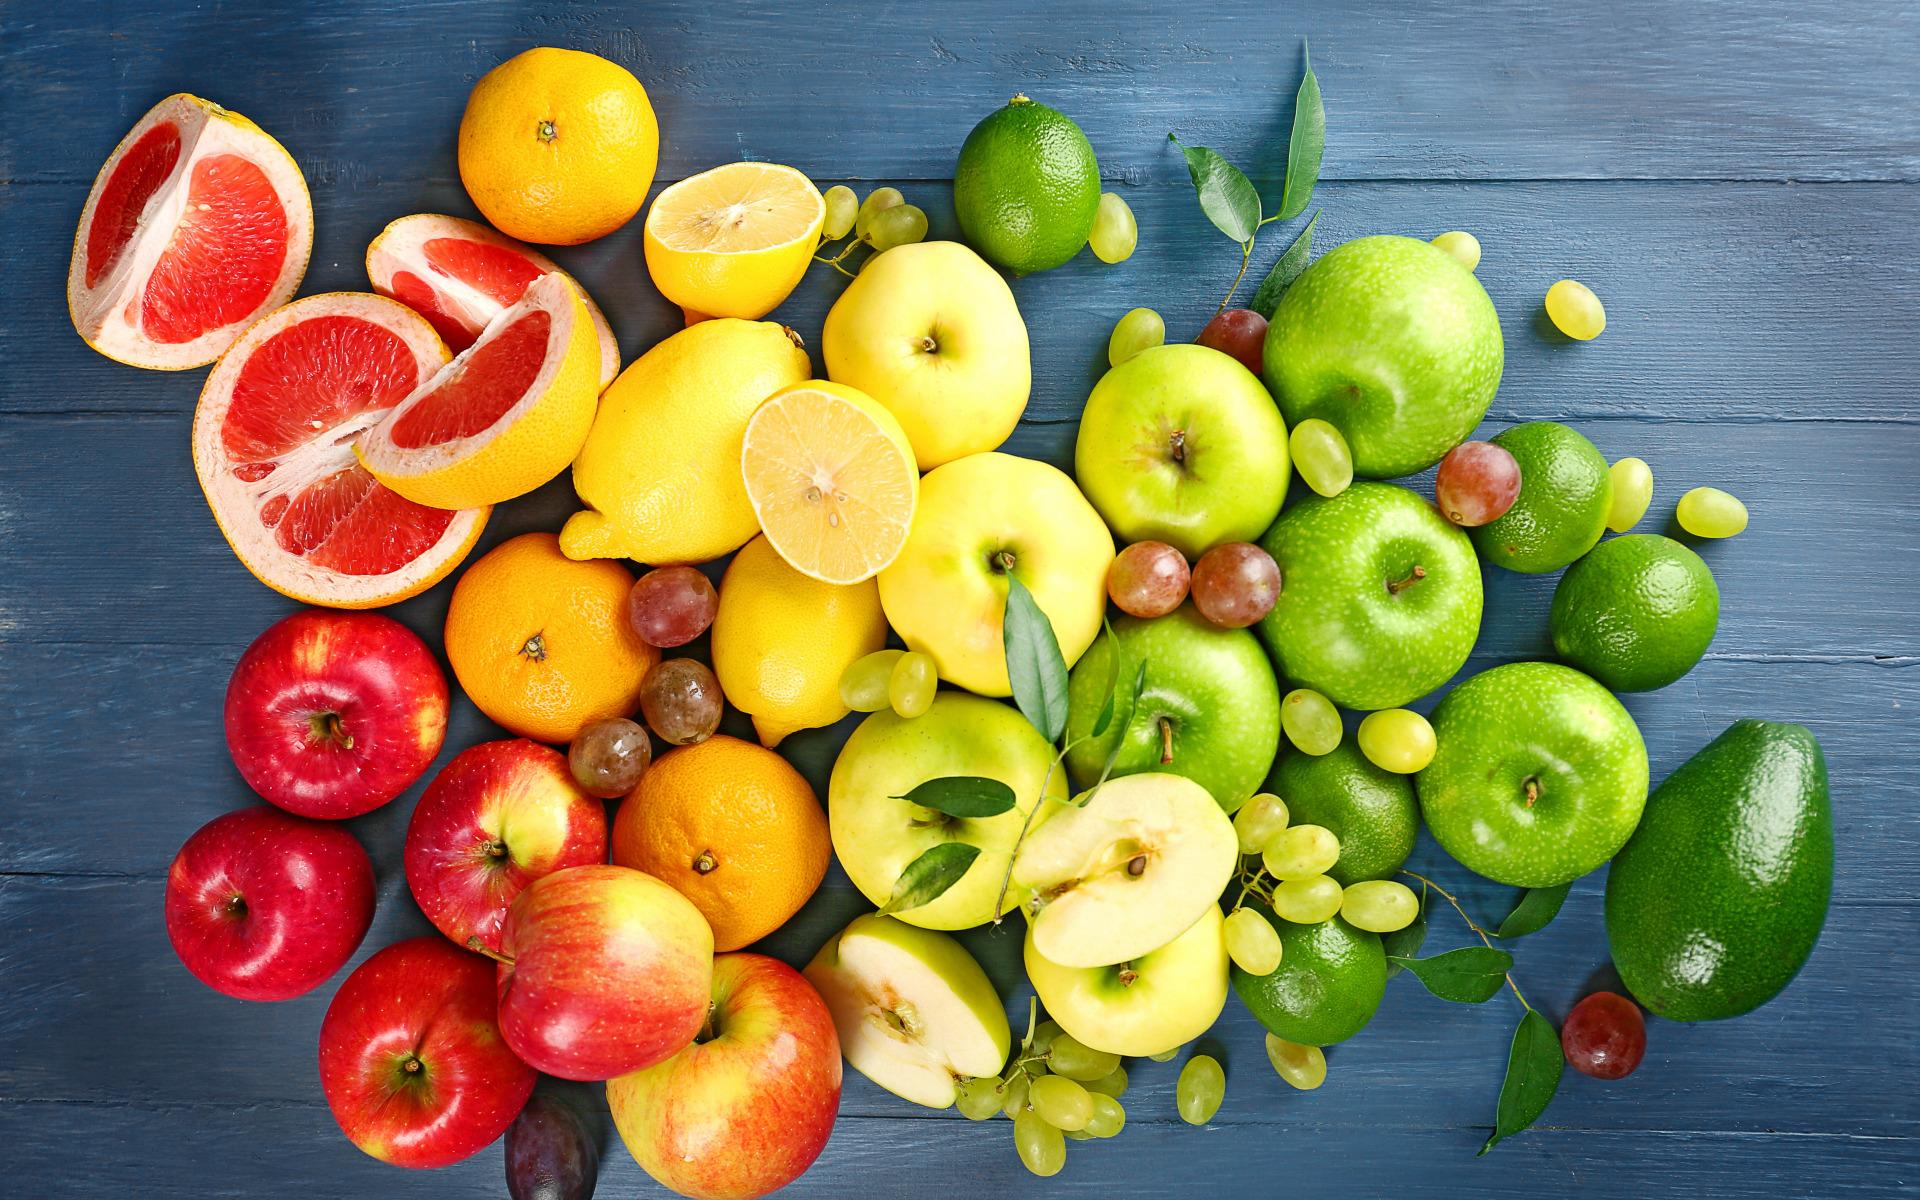 фон для фотографий фруктов того рубежом эту